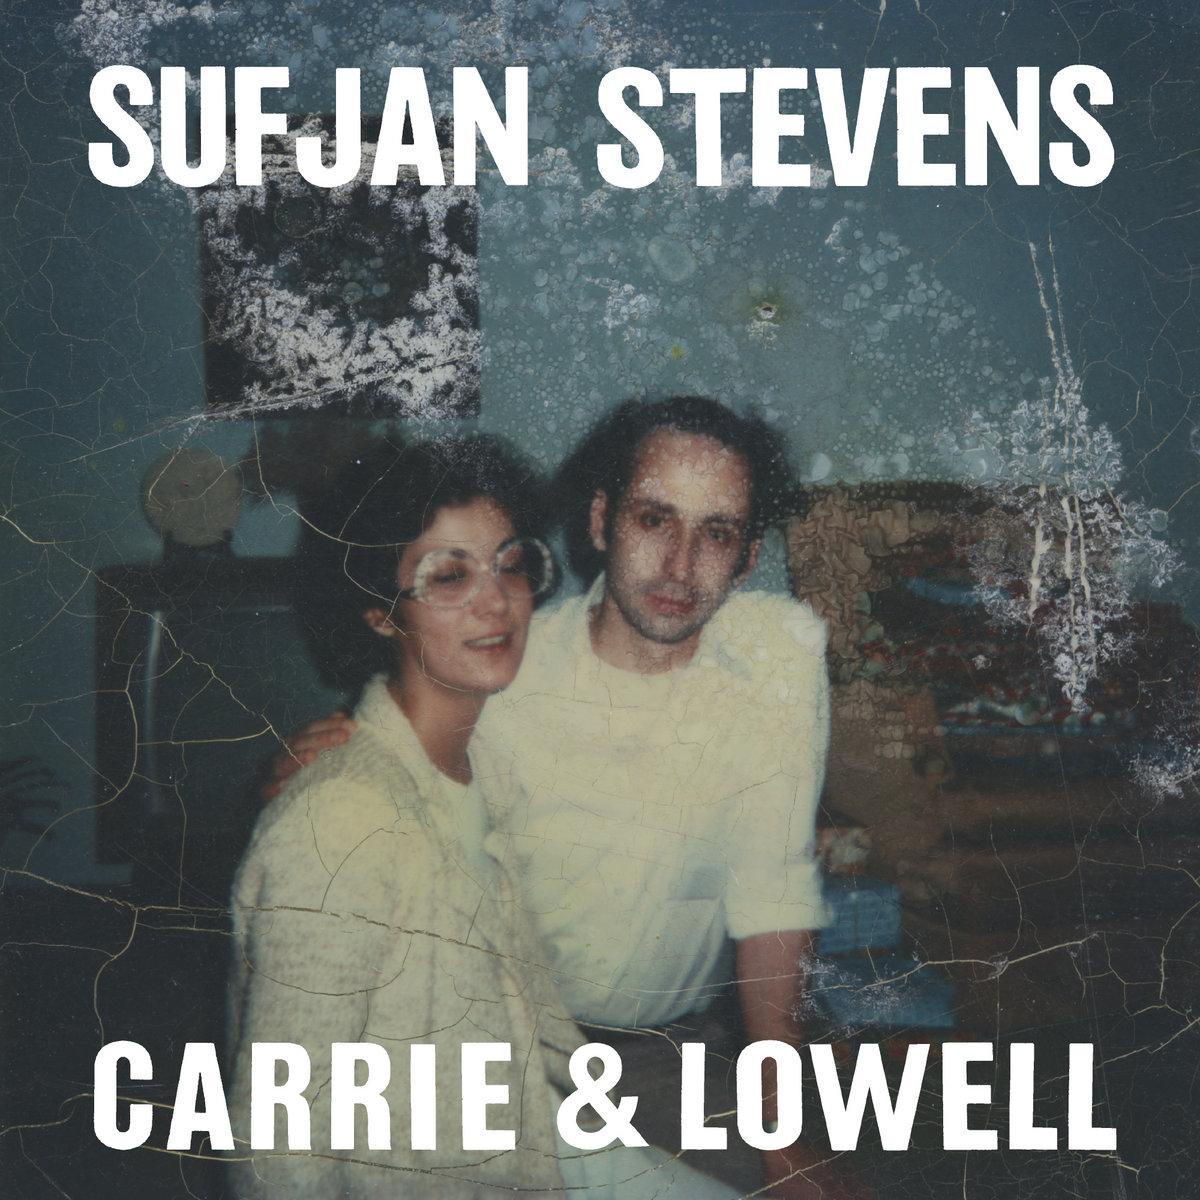 [ALBUM] Sufjan Stevens - Carrie & Lowell dans ALBUM a2231815864_10